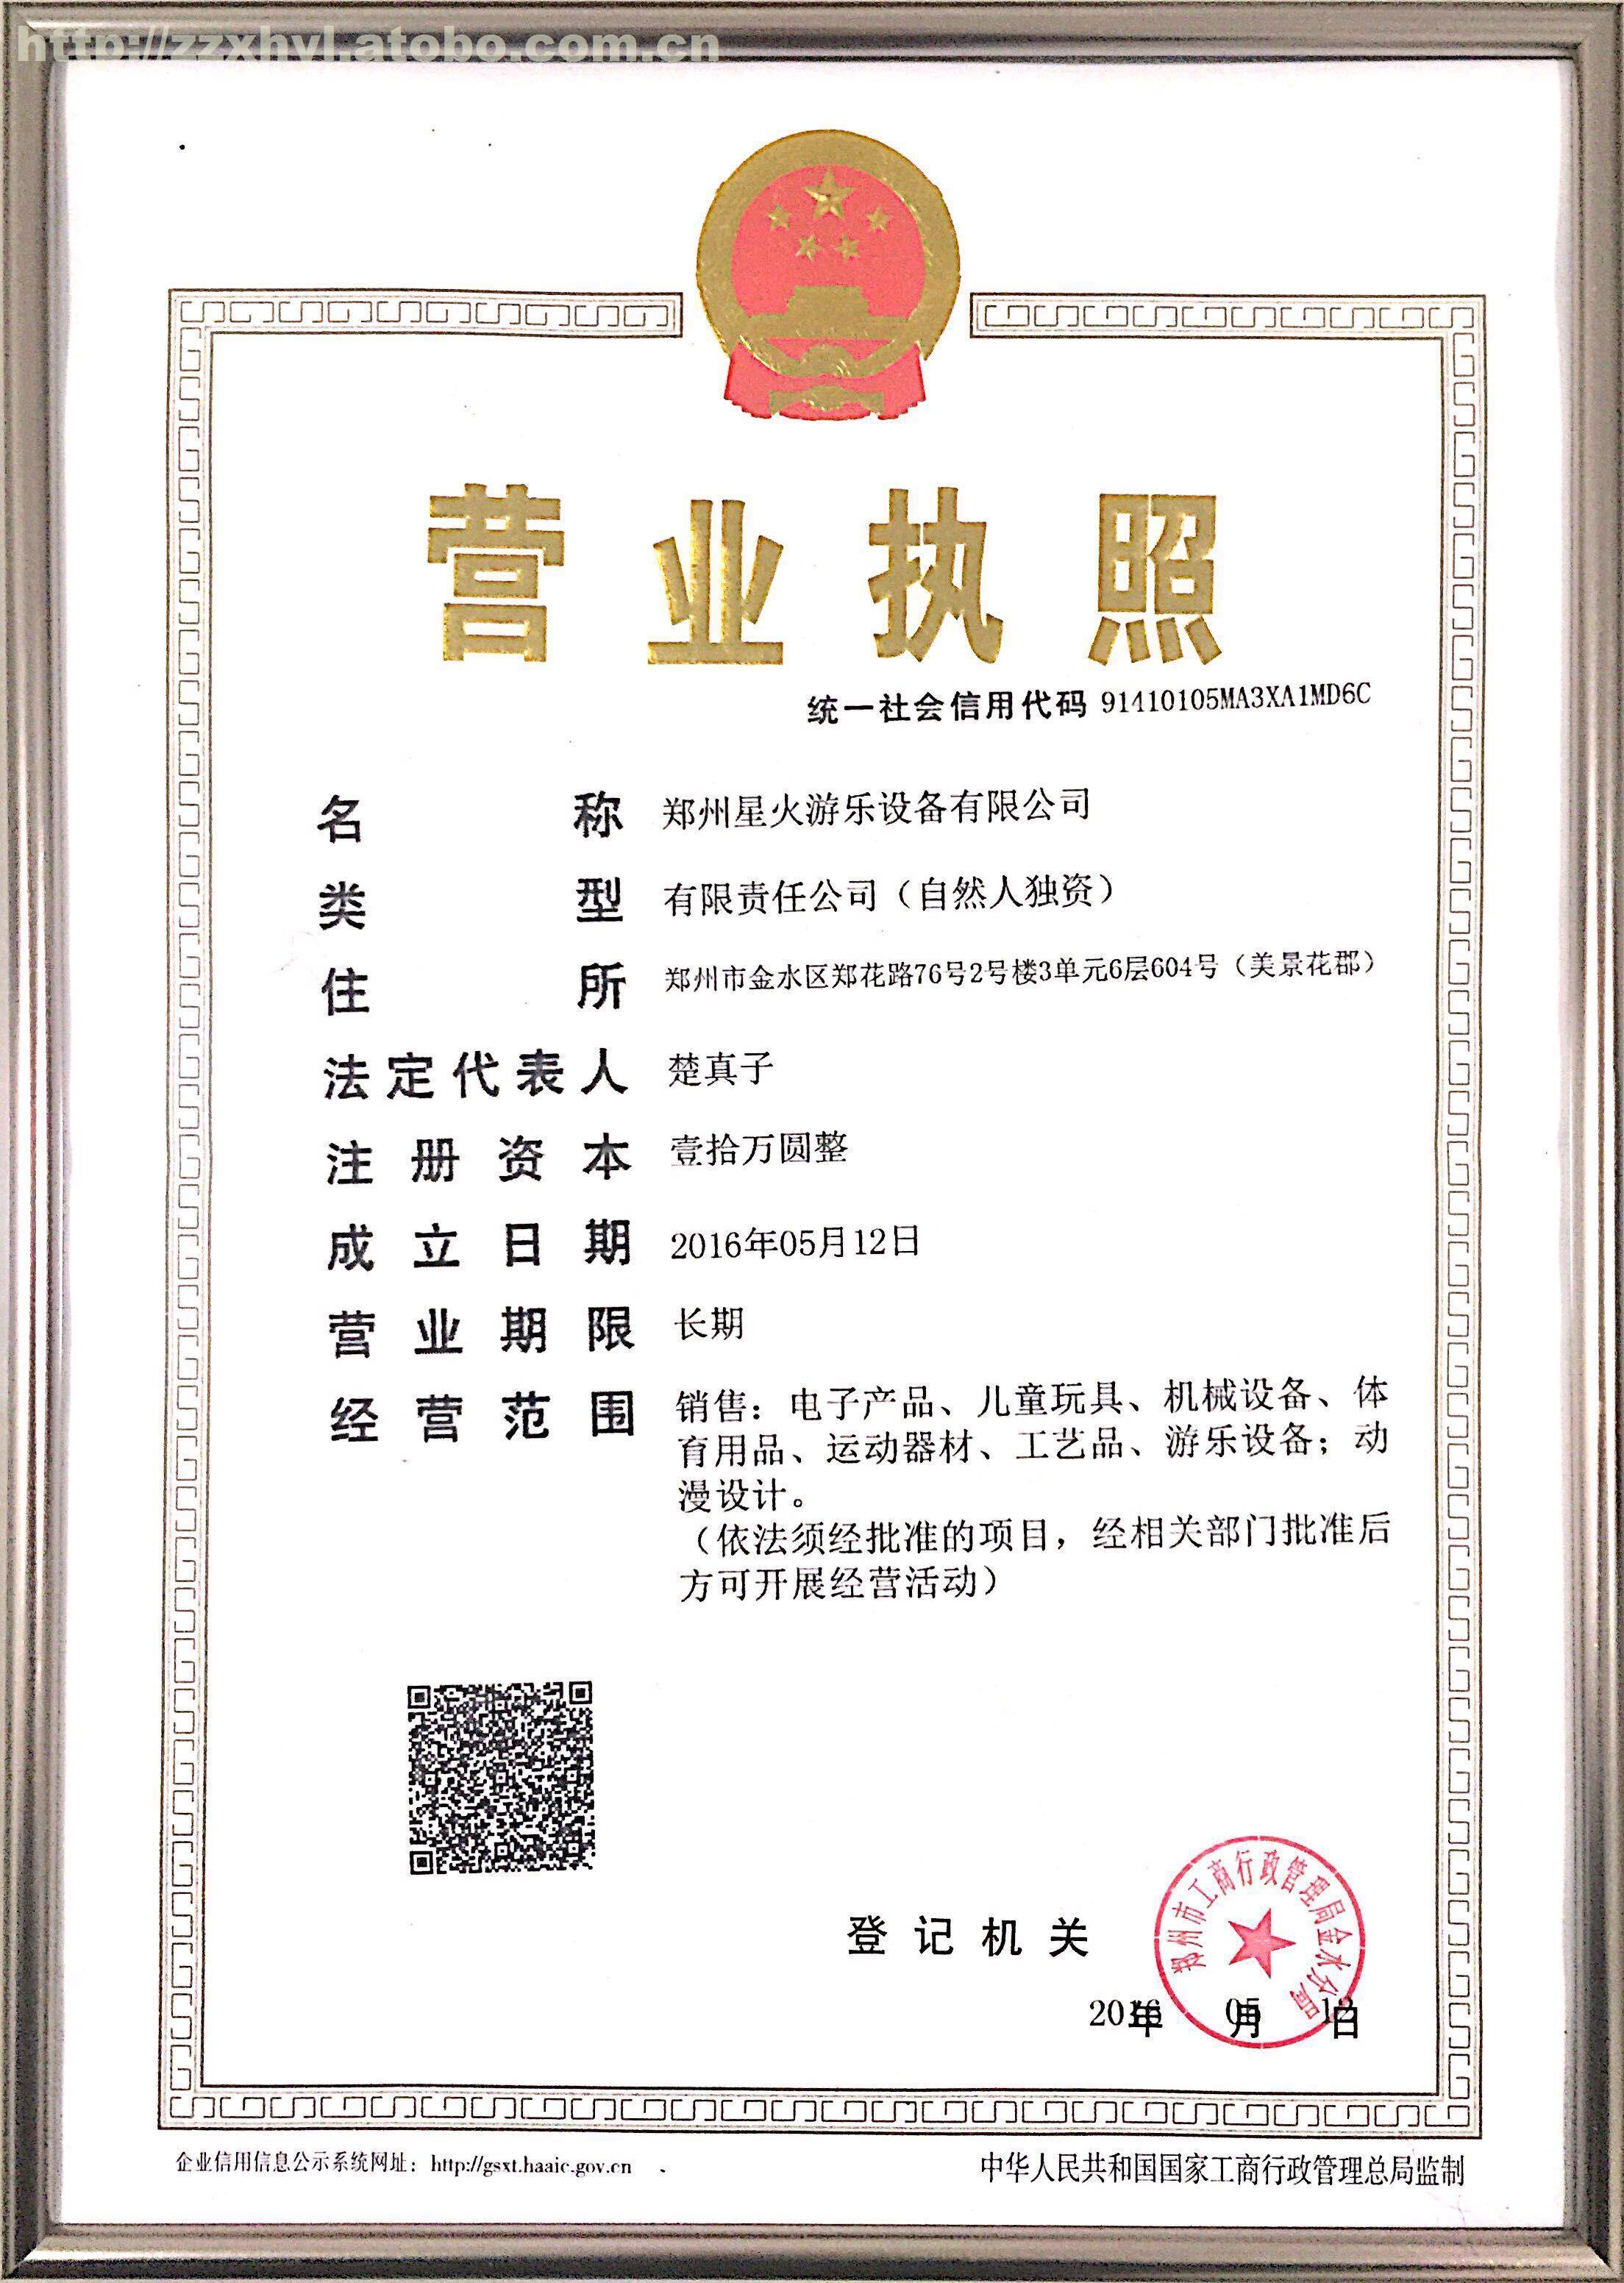 法人企业营业执照_郑州二代游乐设备透气跑鞋星火赤足图片